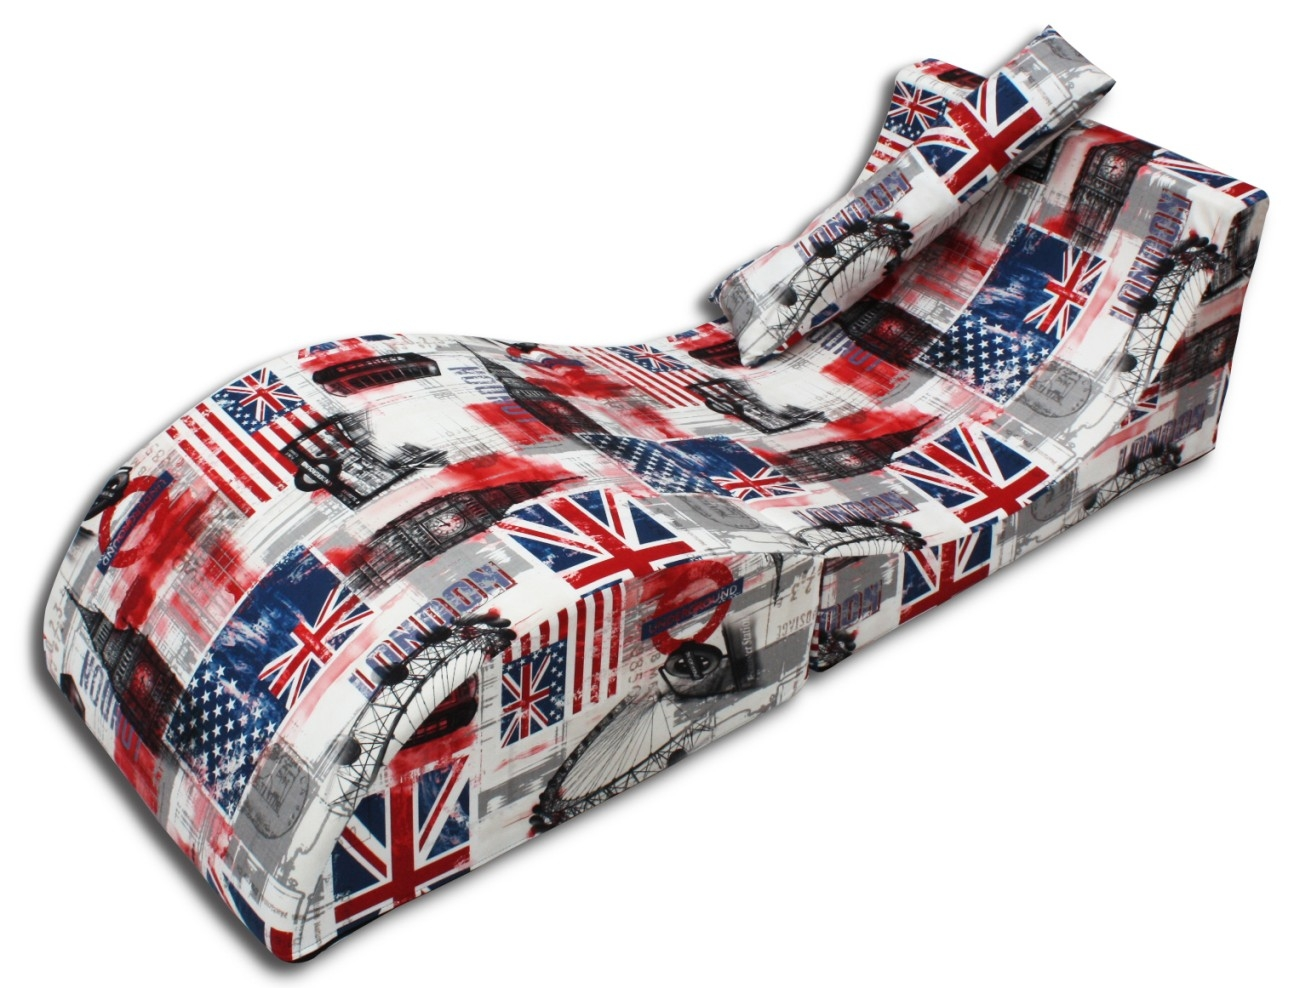 Fauteuil-chaise-longue-relaxant-depliant-3-en-1-multi-usage-canape-pouffe-table